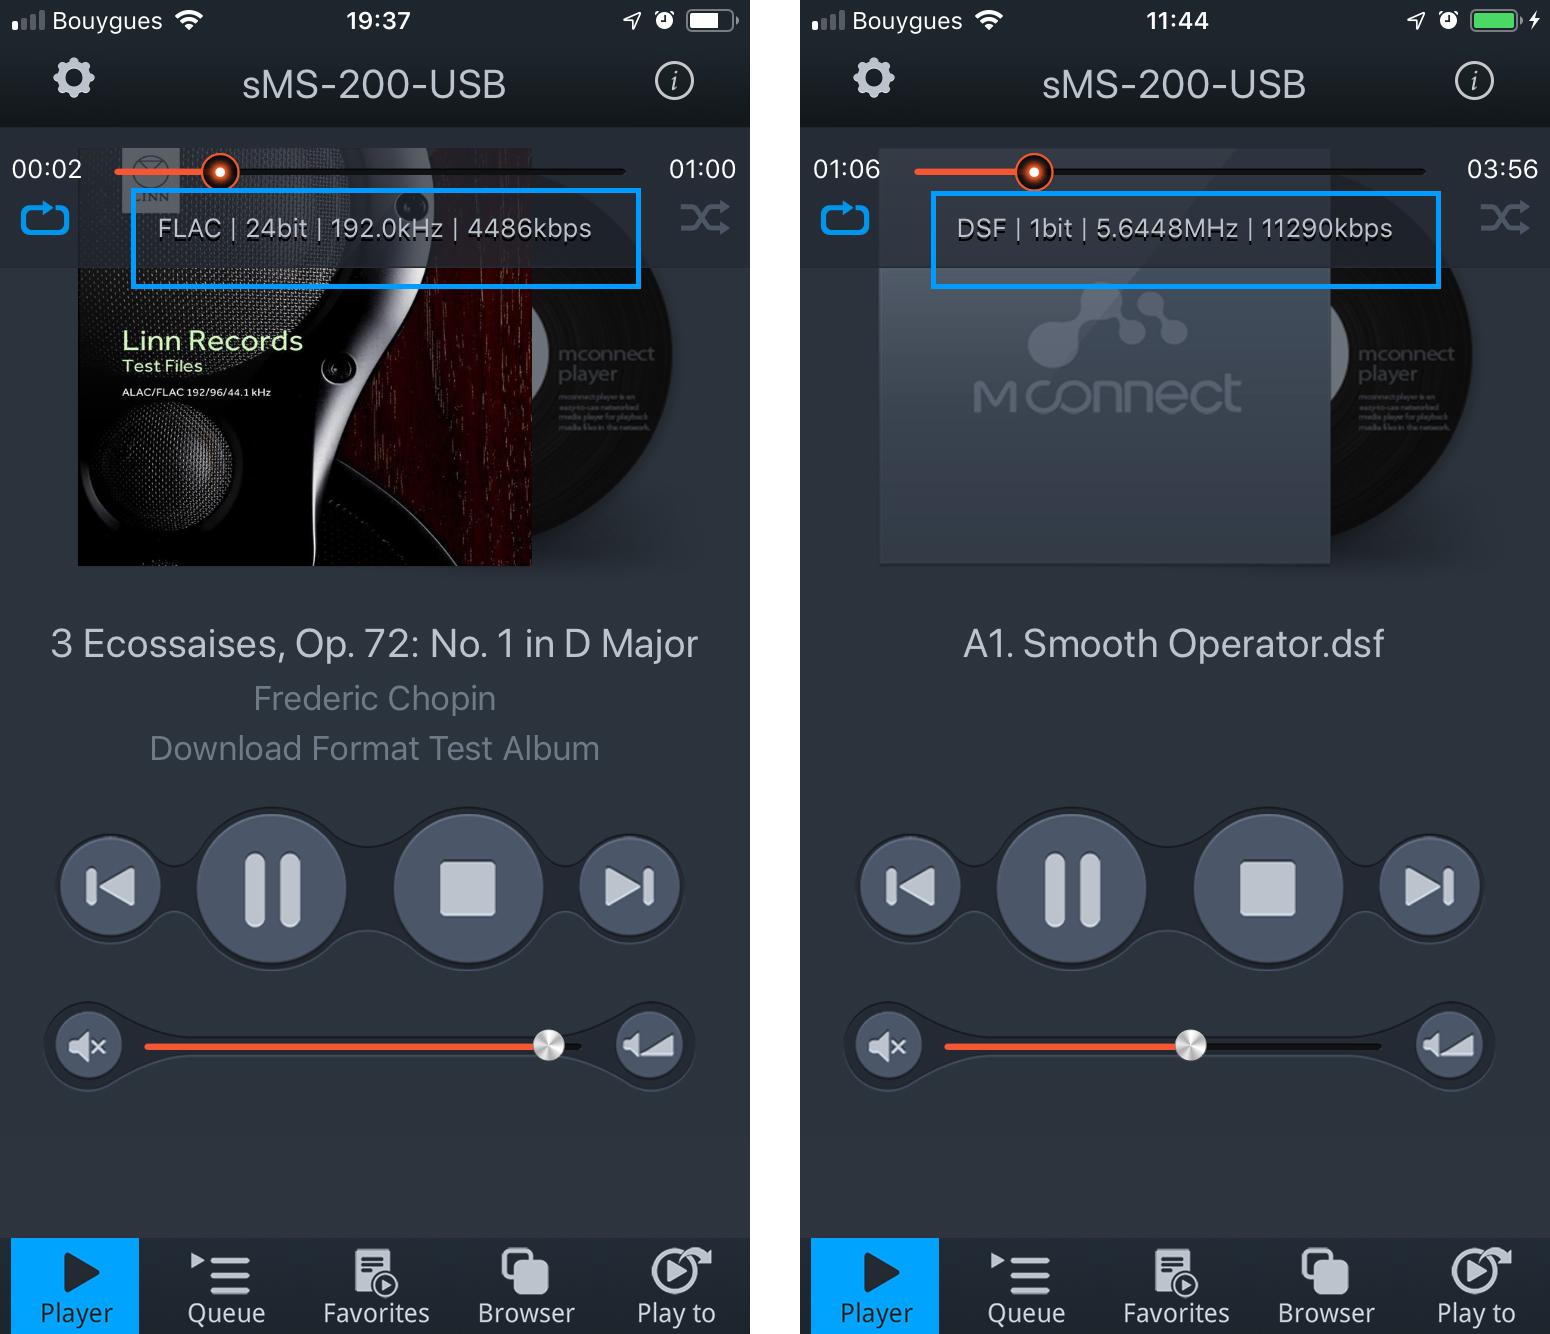 L'application mconnect player affiche les débits et les taux d'échantillonnage des fichiers en cours de lecture sur le SOtM sMS-200 Ultra